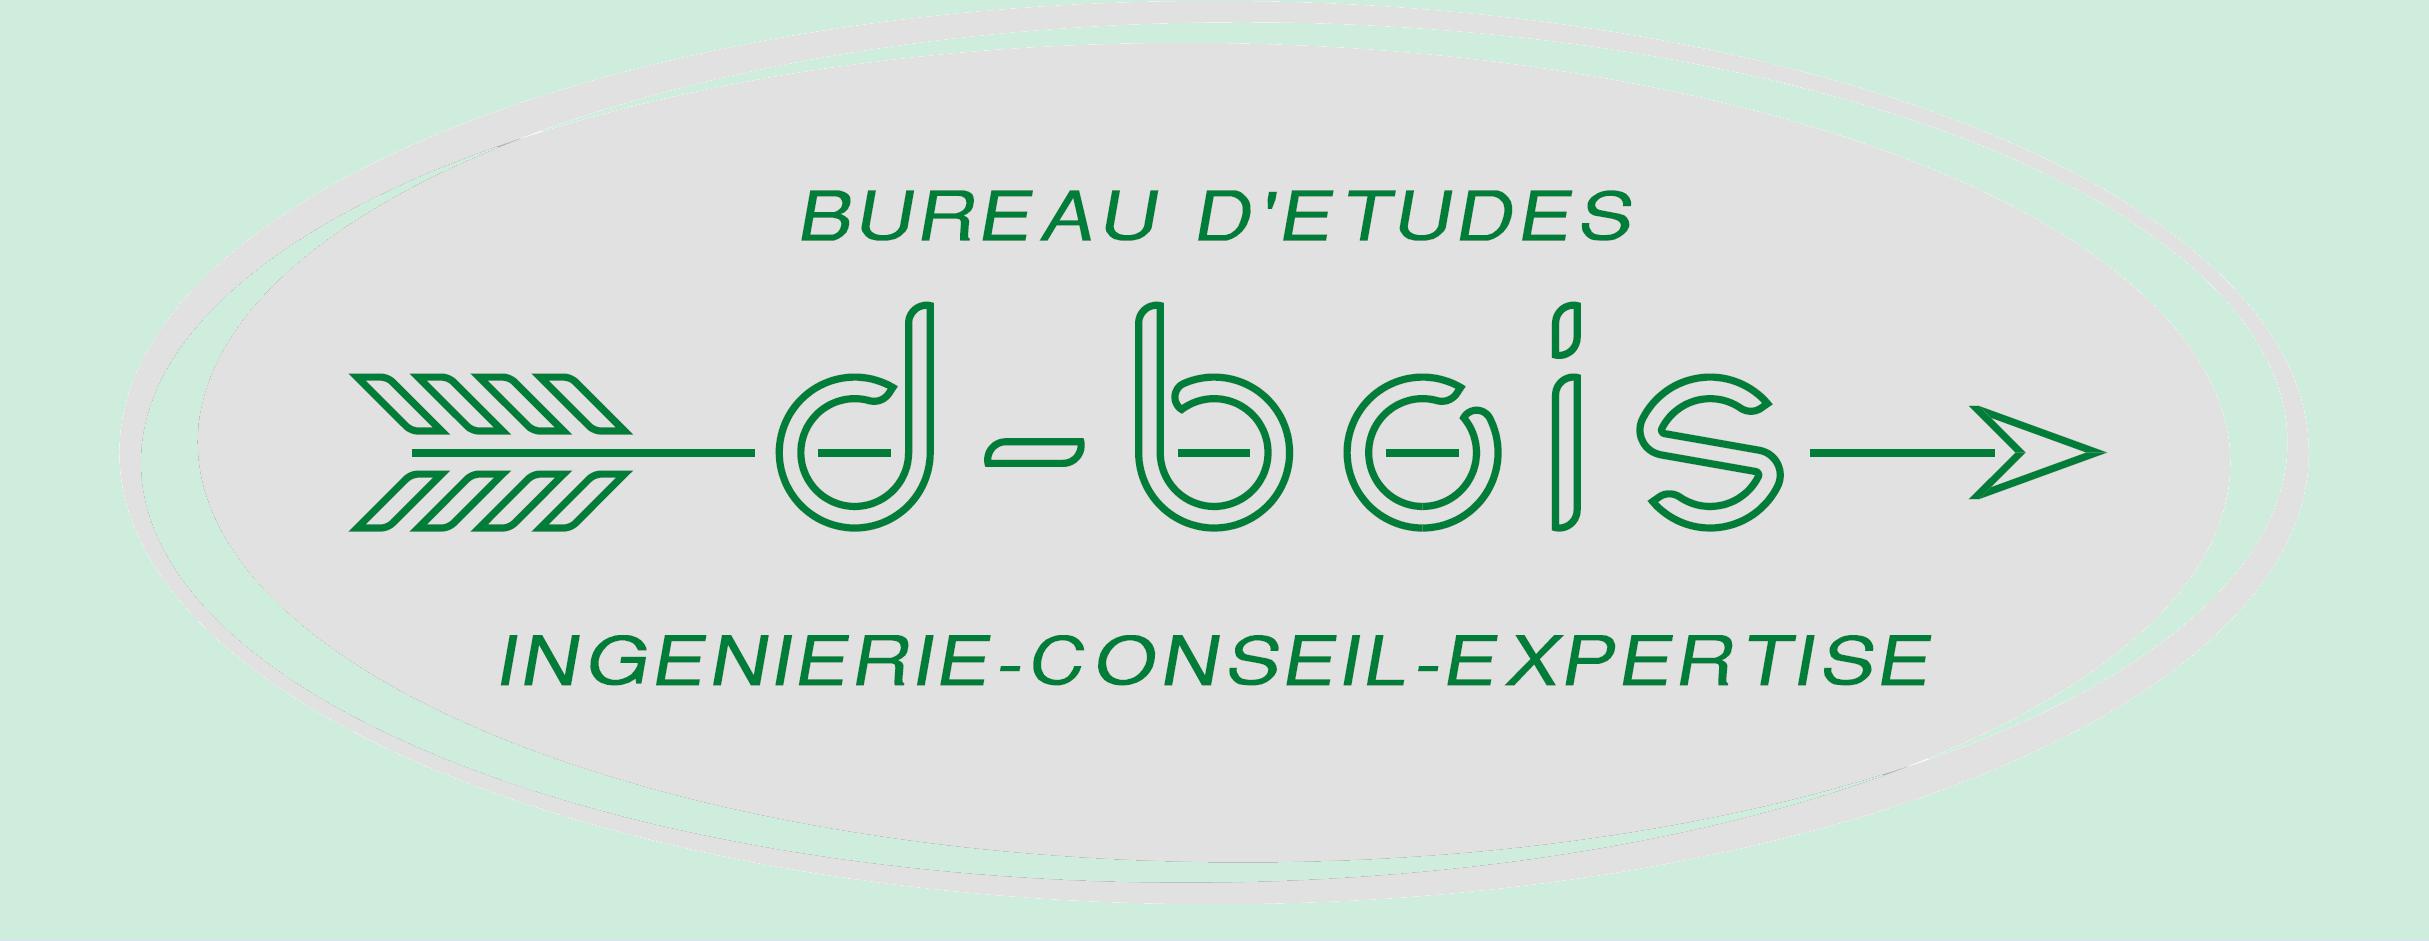 D bois bureau d 39 tudes ing nierie conseil expertise - Bureau d etudes ingenierie ...